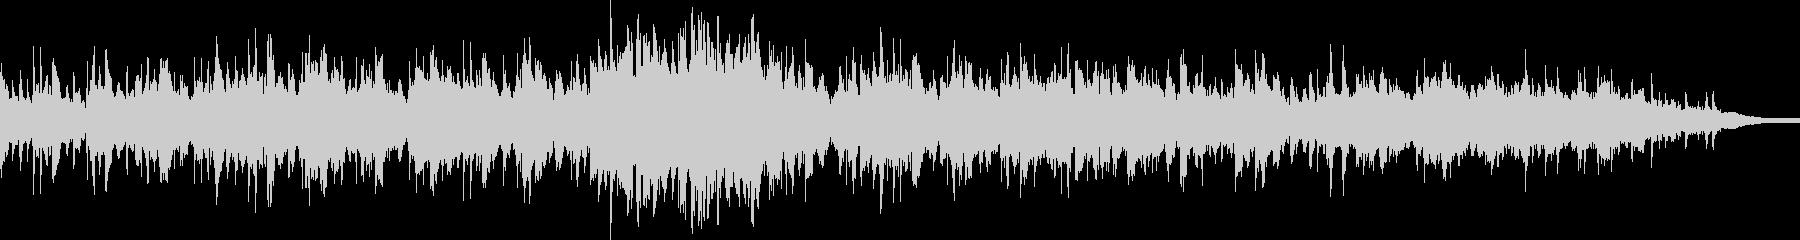 インディー センチメンタル 説明的...の未再生の波形